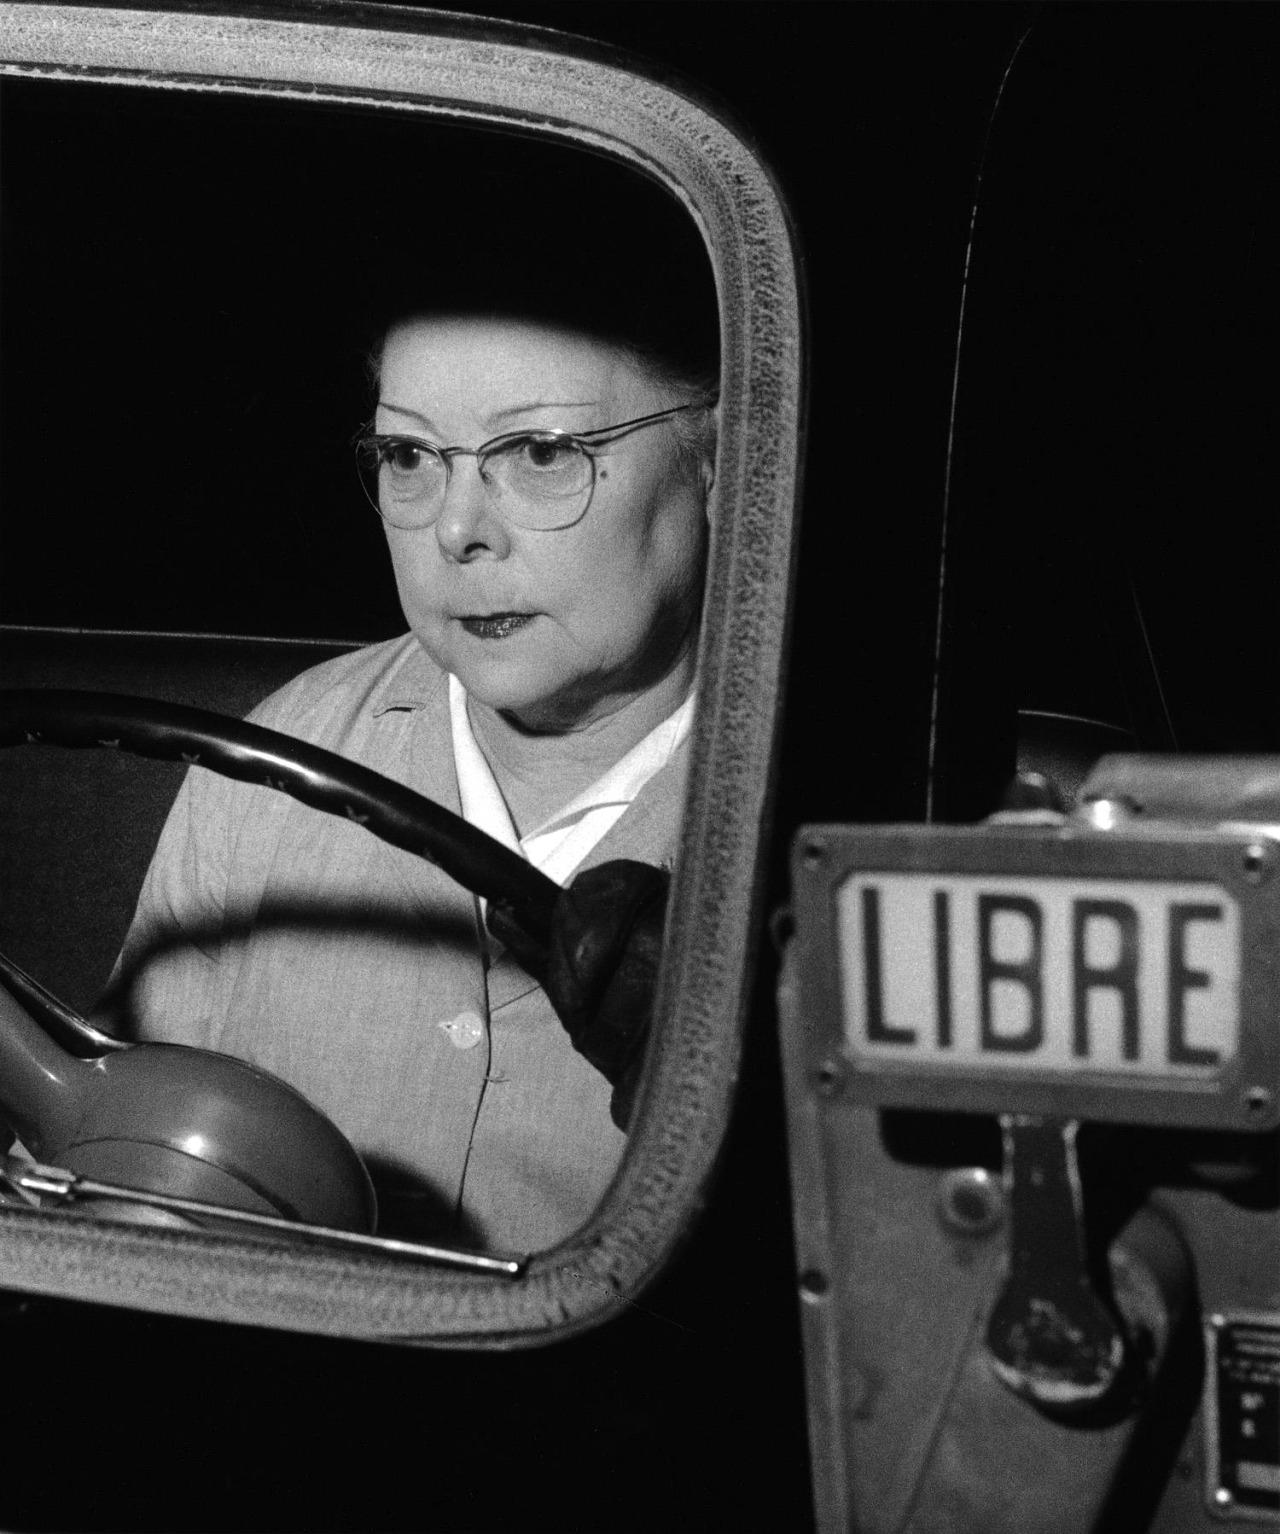 lauramcphee:Lady Taxi driver, Paris, 1954 (Nico Jesse)